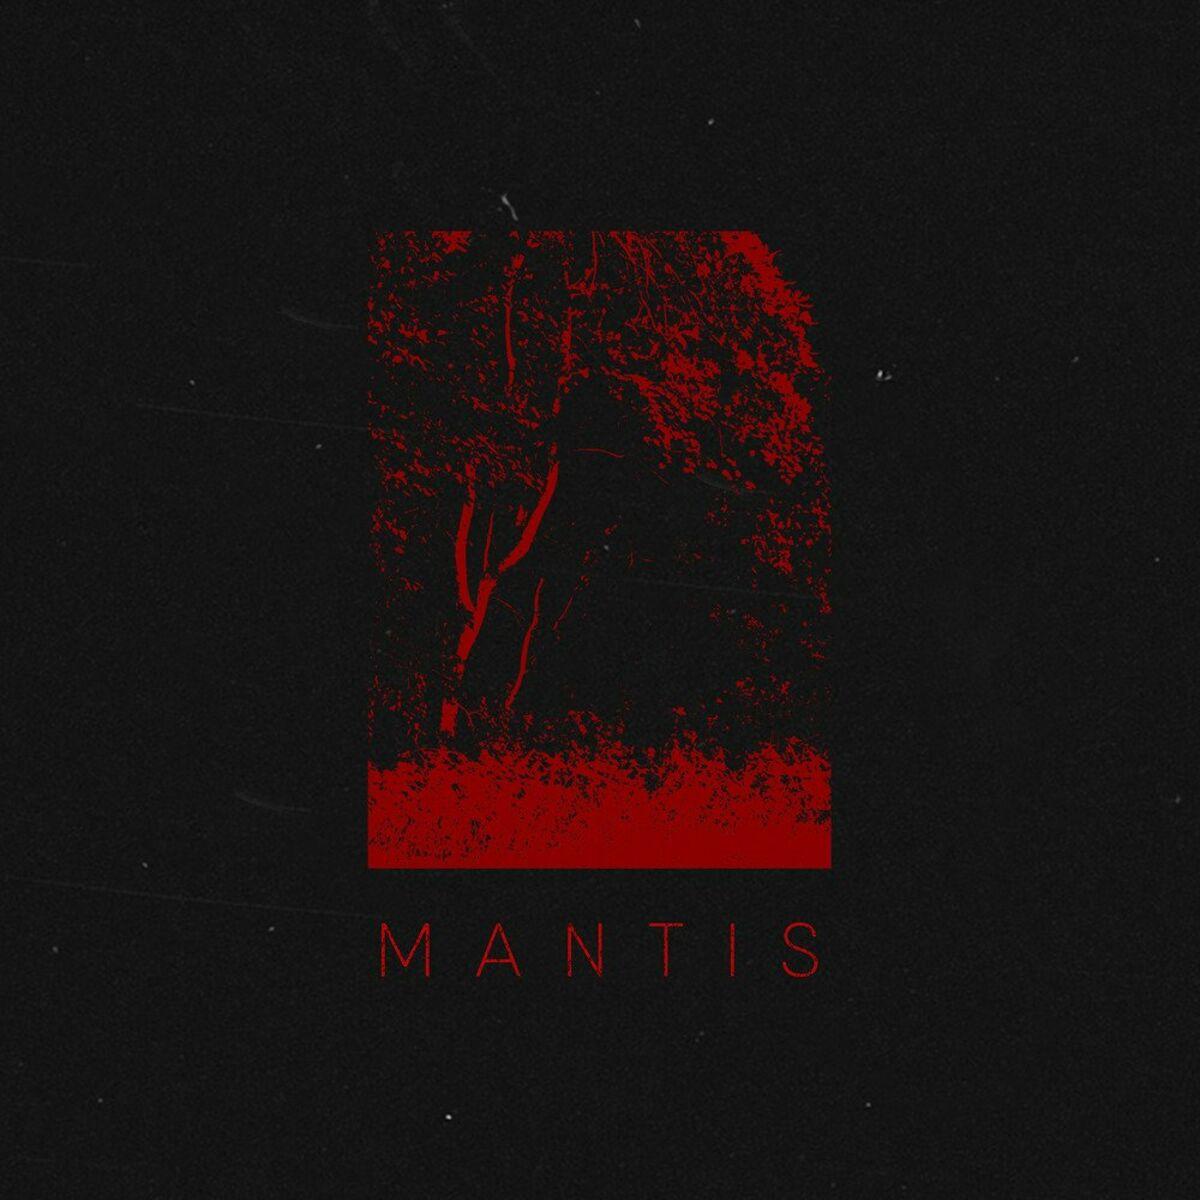 Half Me - Mantis [single] (2020)